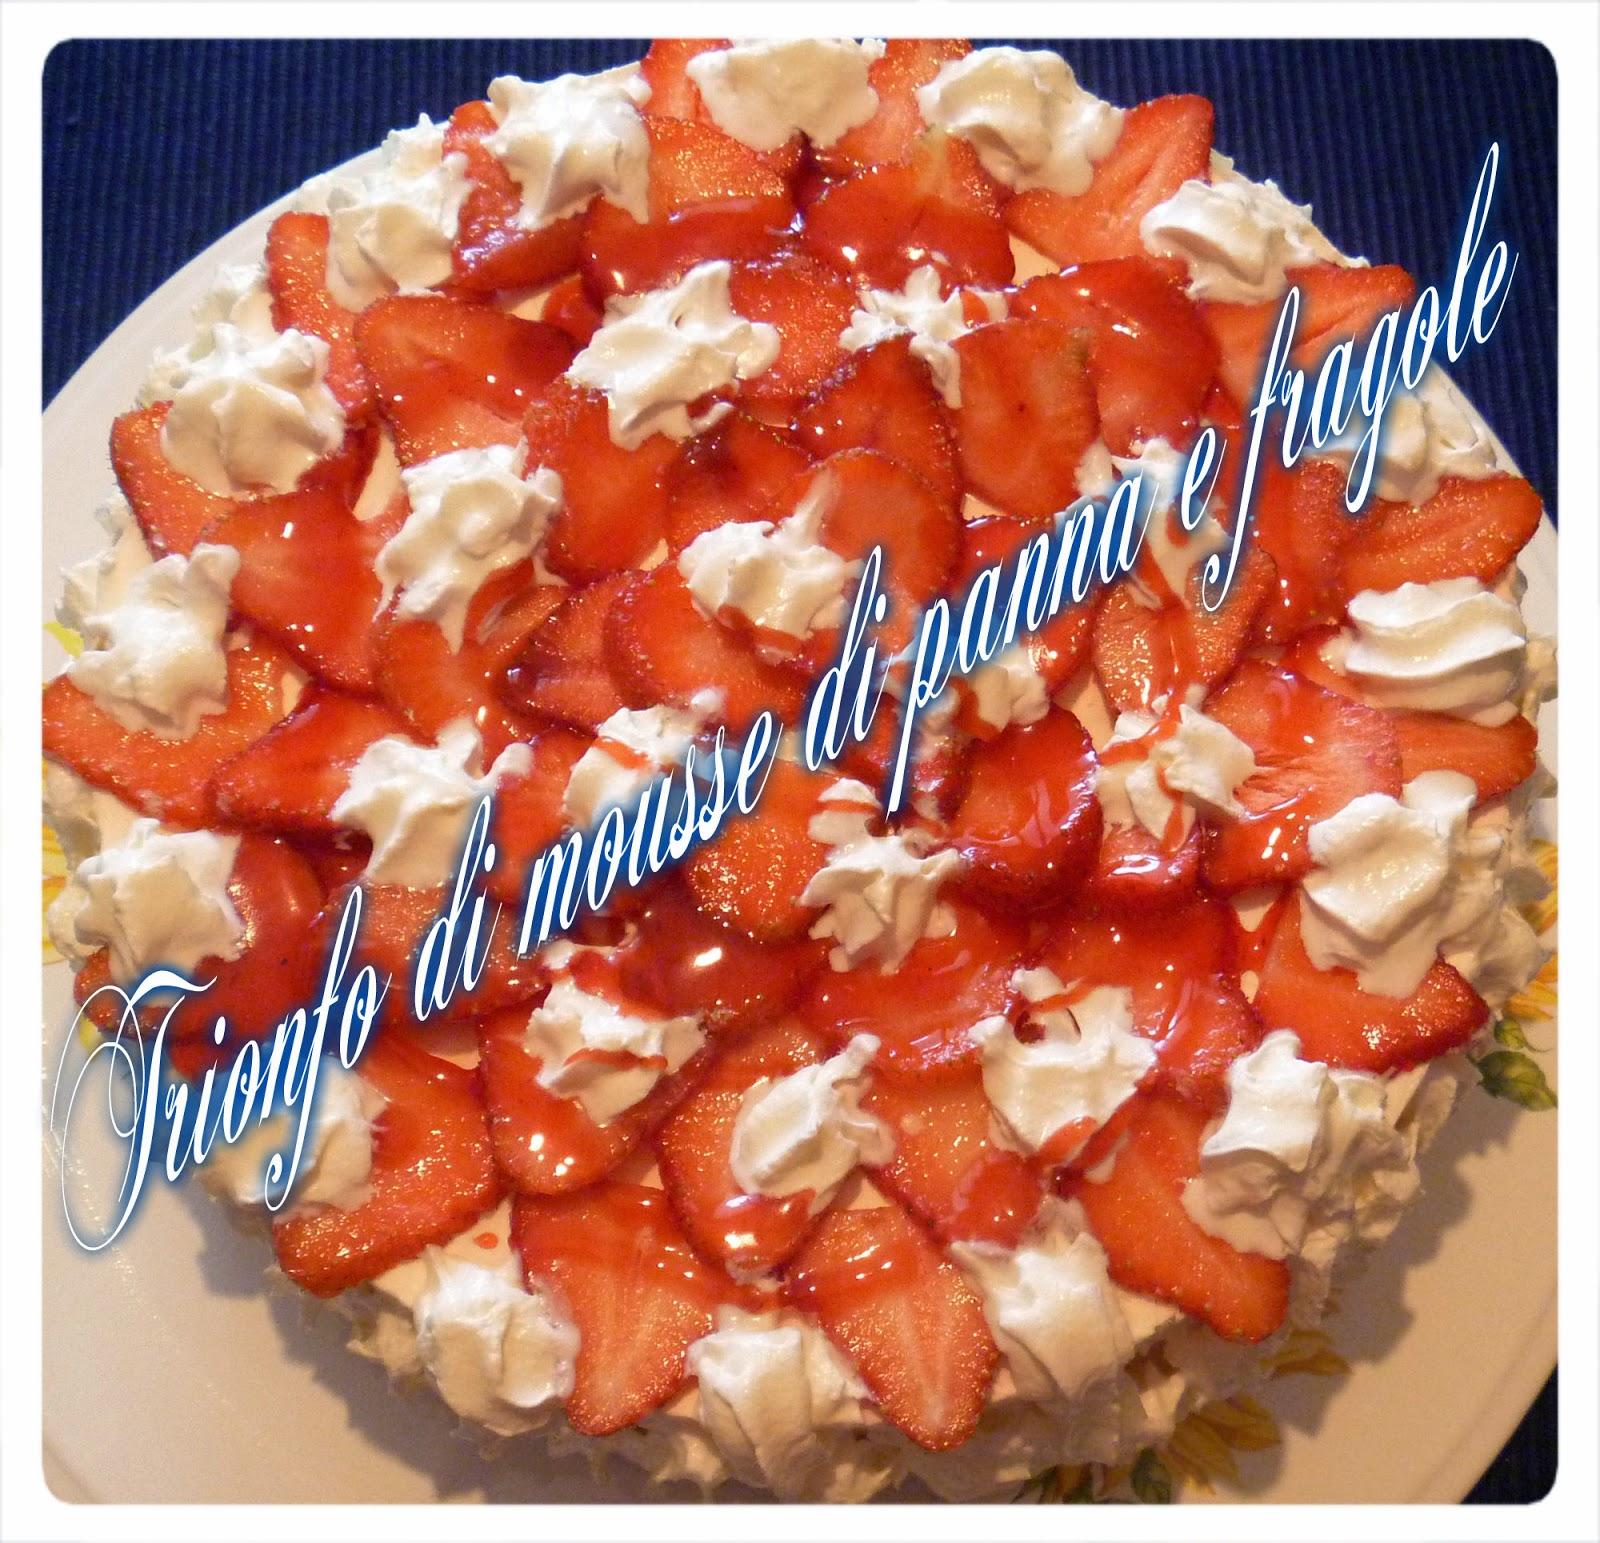 Immagine del dolce Trionfo di mousse di fragole e panna su base di biscotto croccante dal blog Mezzogiorno di cuoco